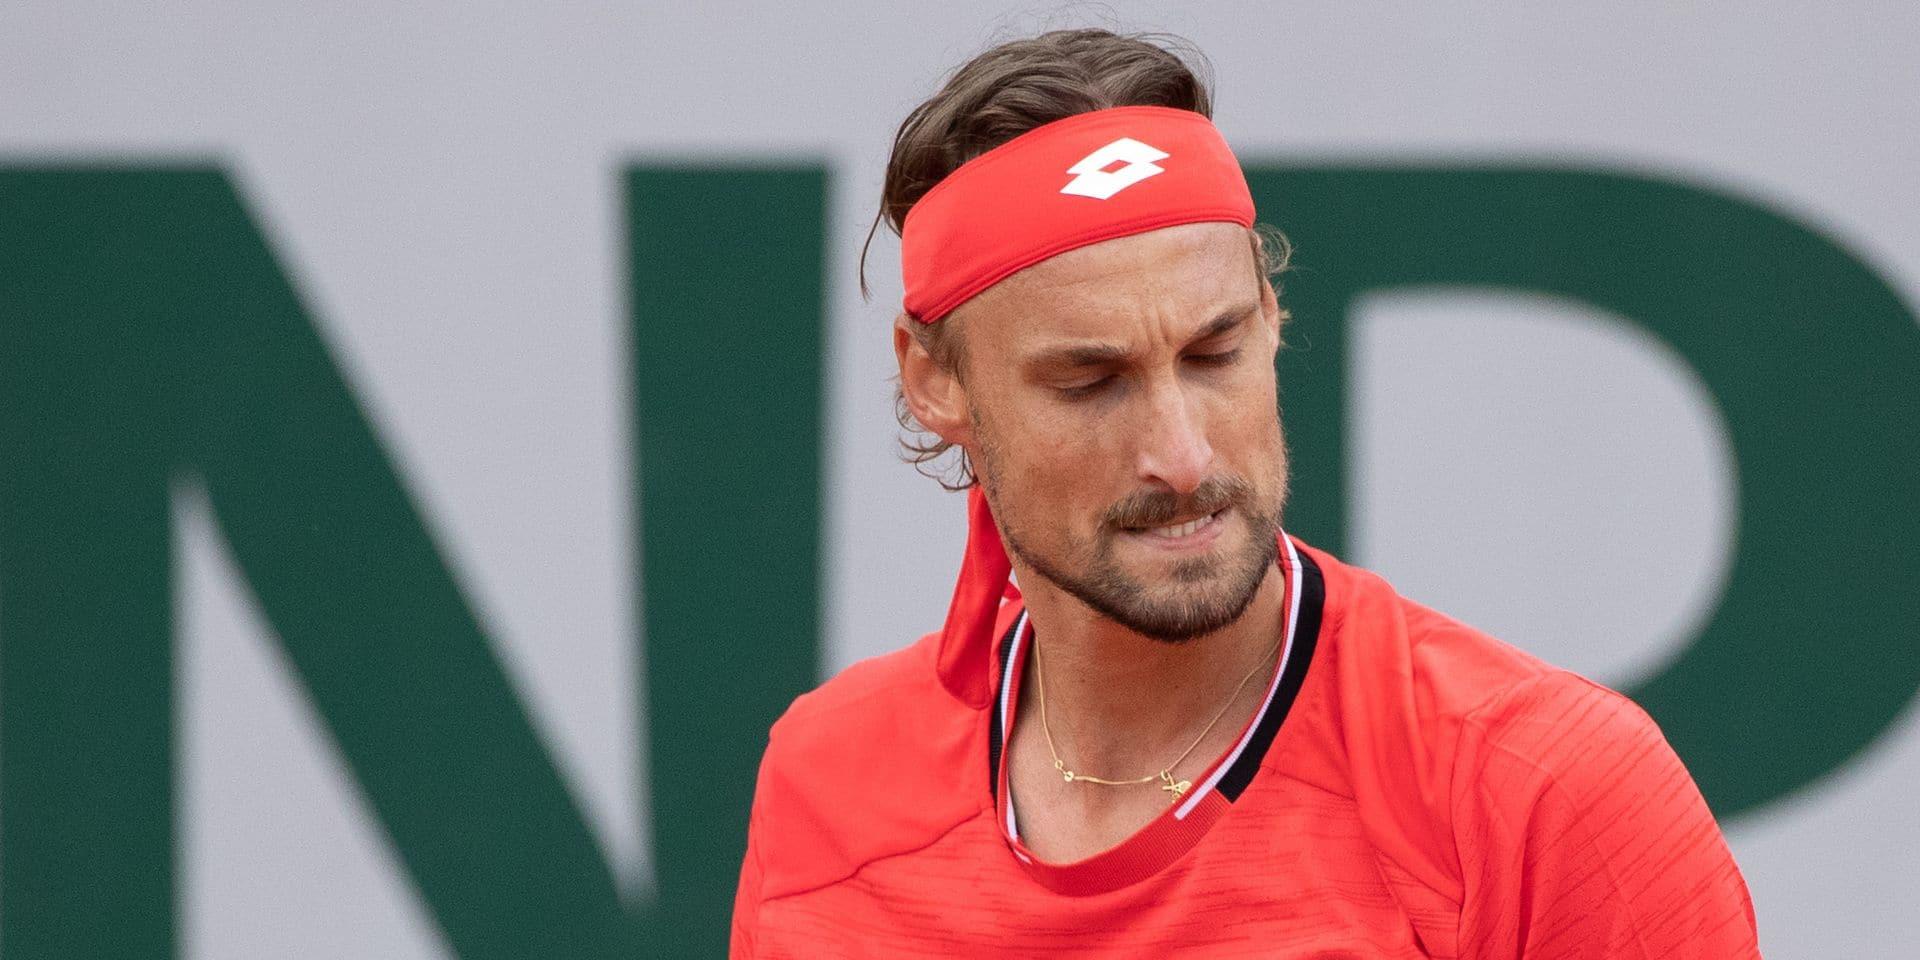 Wimbledon: Ruben Bemelmans premier Belge à rejoindre le 2e tour des qualifications